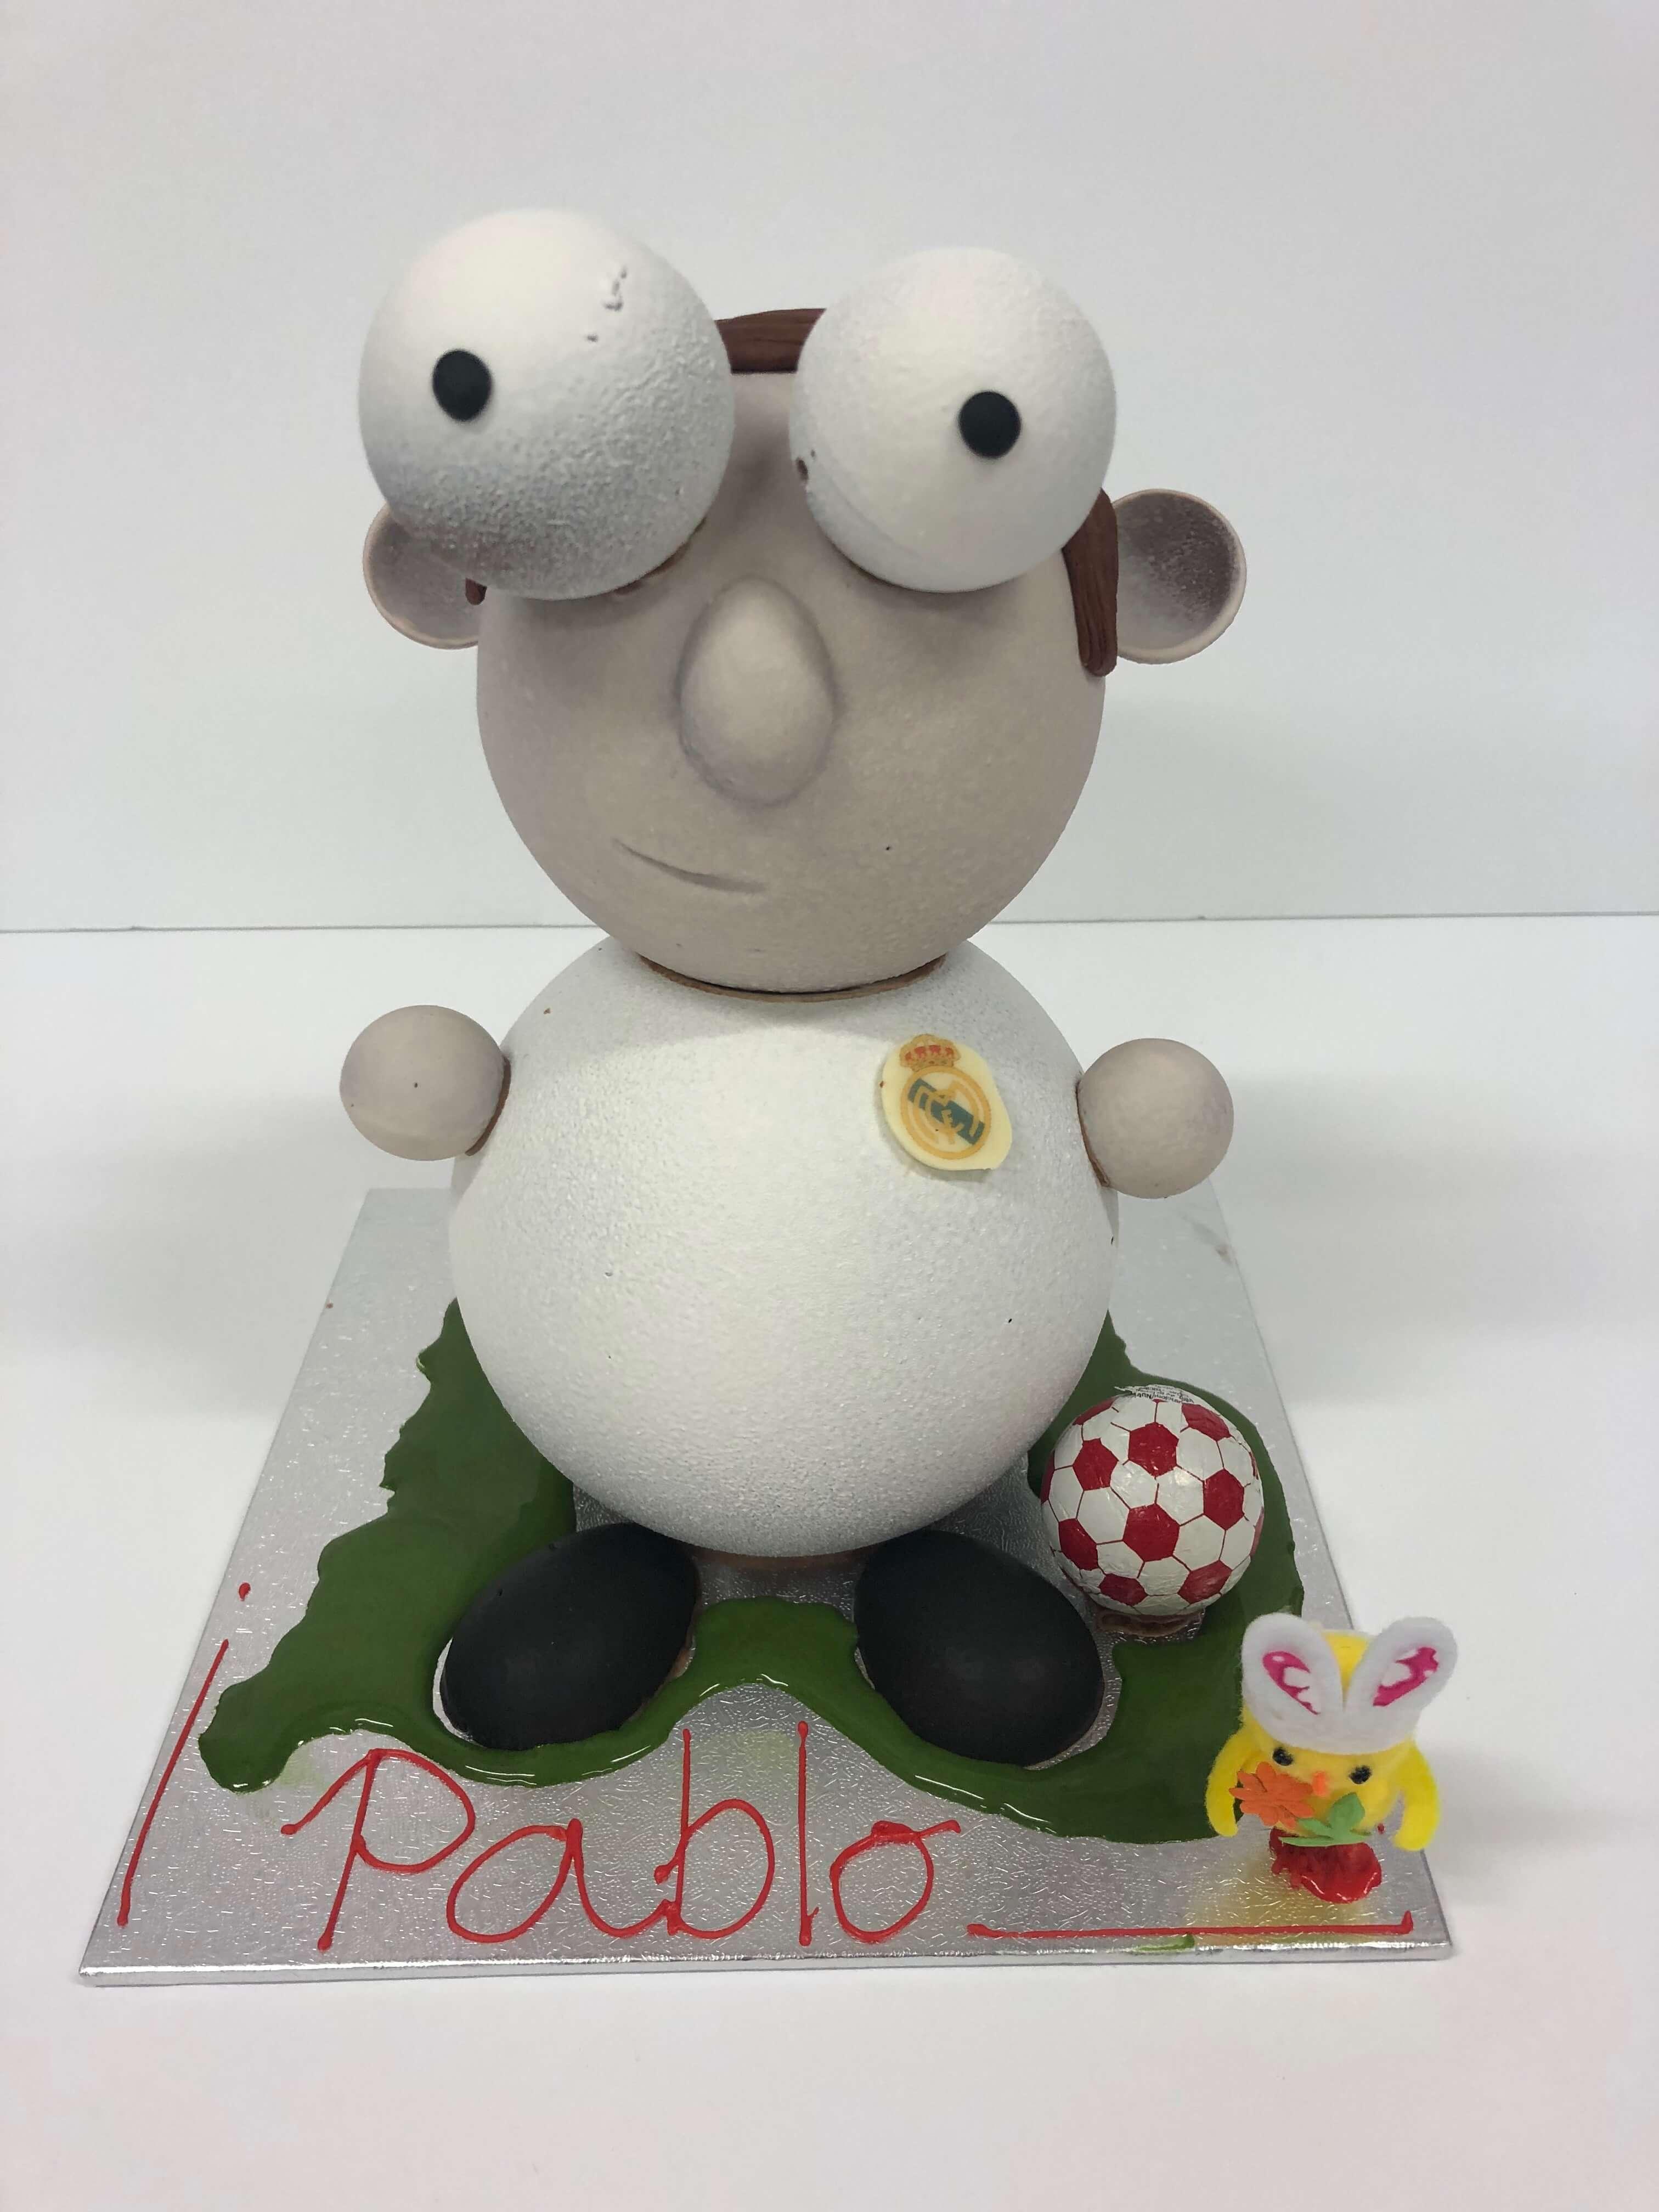 figura de pascua huevo de pascua chocolate coruña Real Madrid